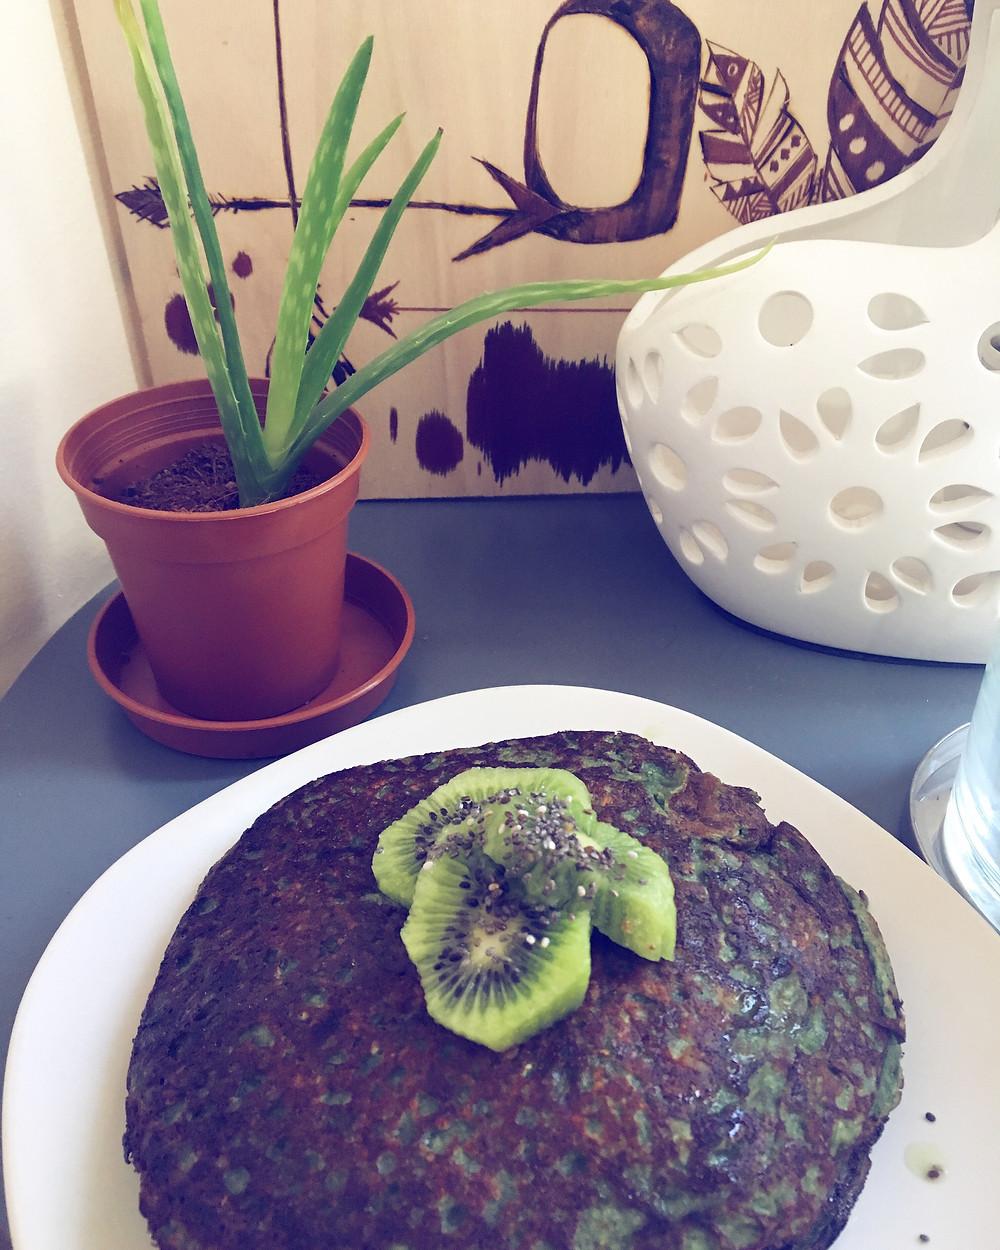 Oat and kiwi pancakes with spirulina